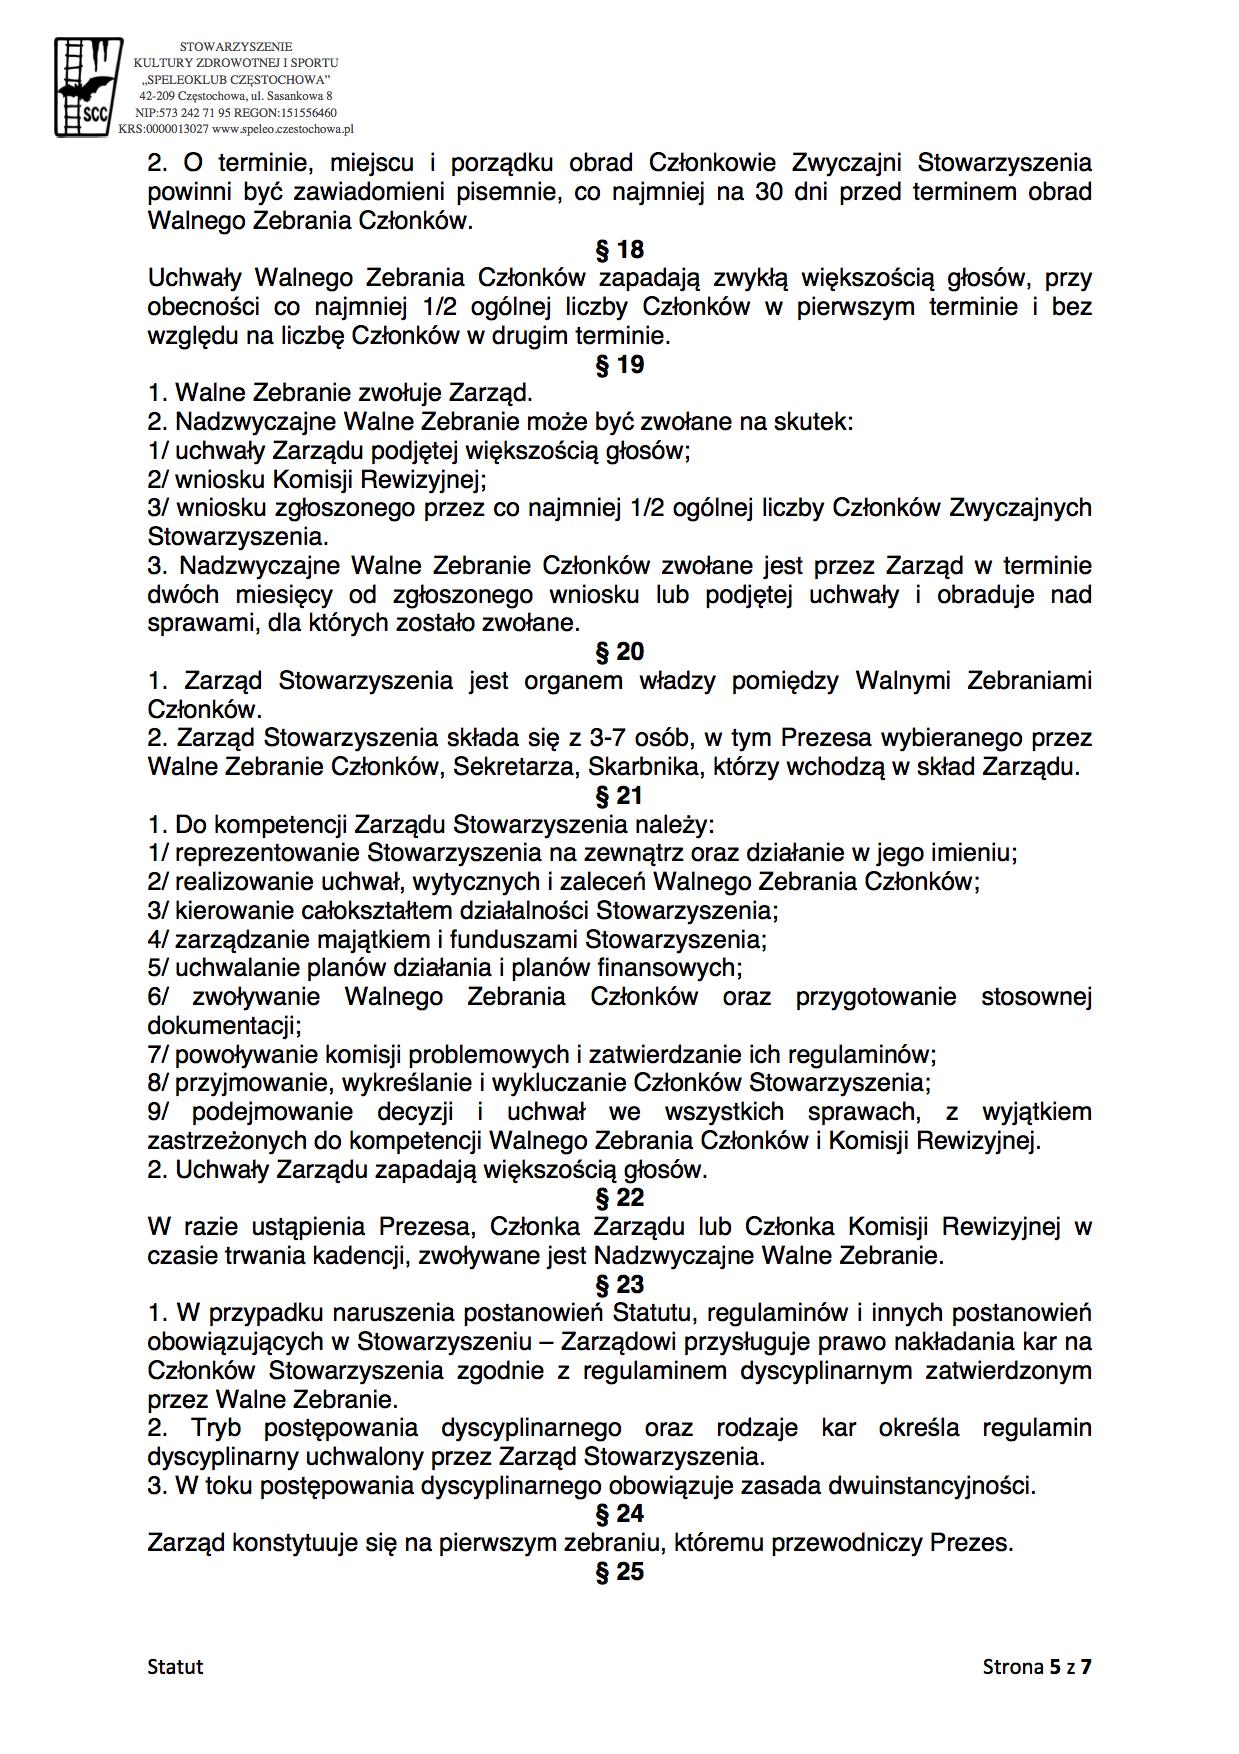 2016-02-14 Statut-25